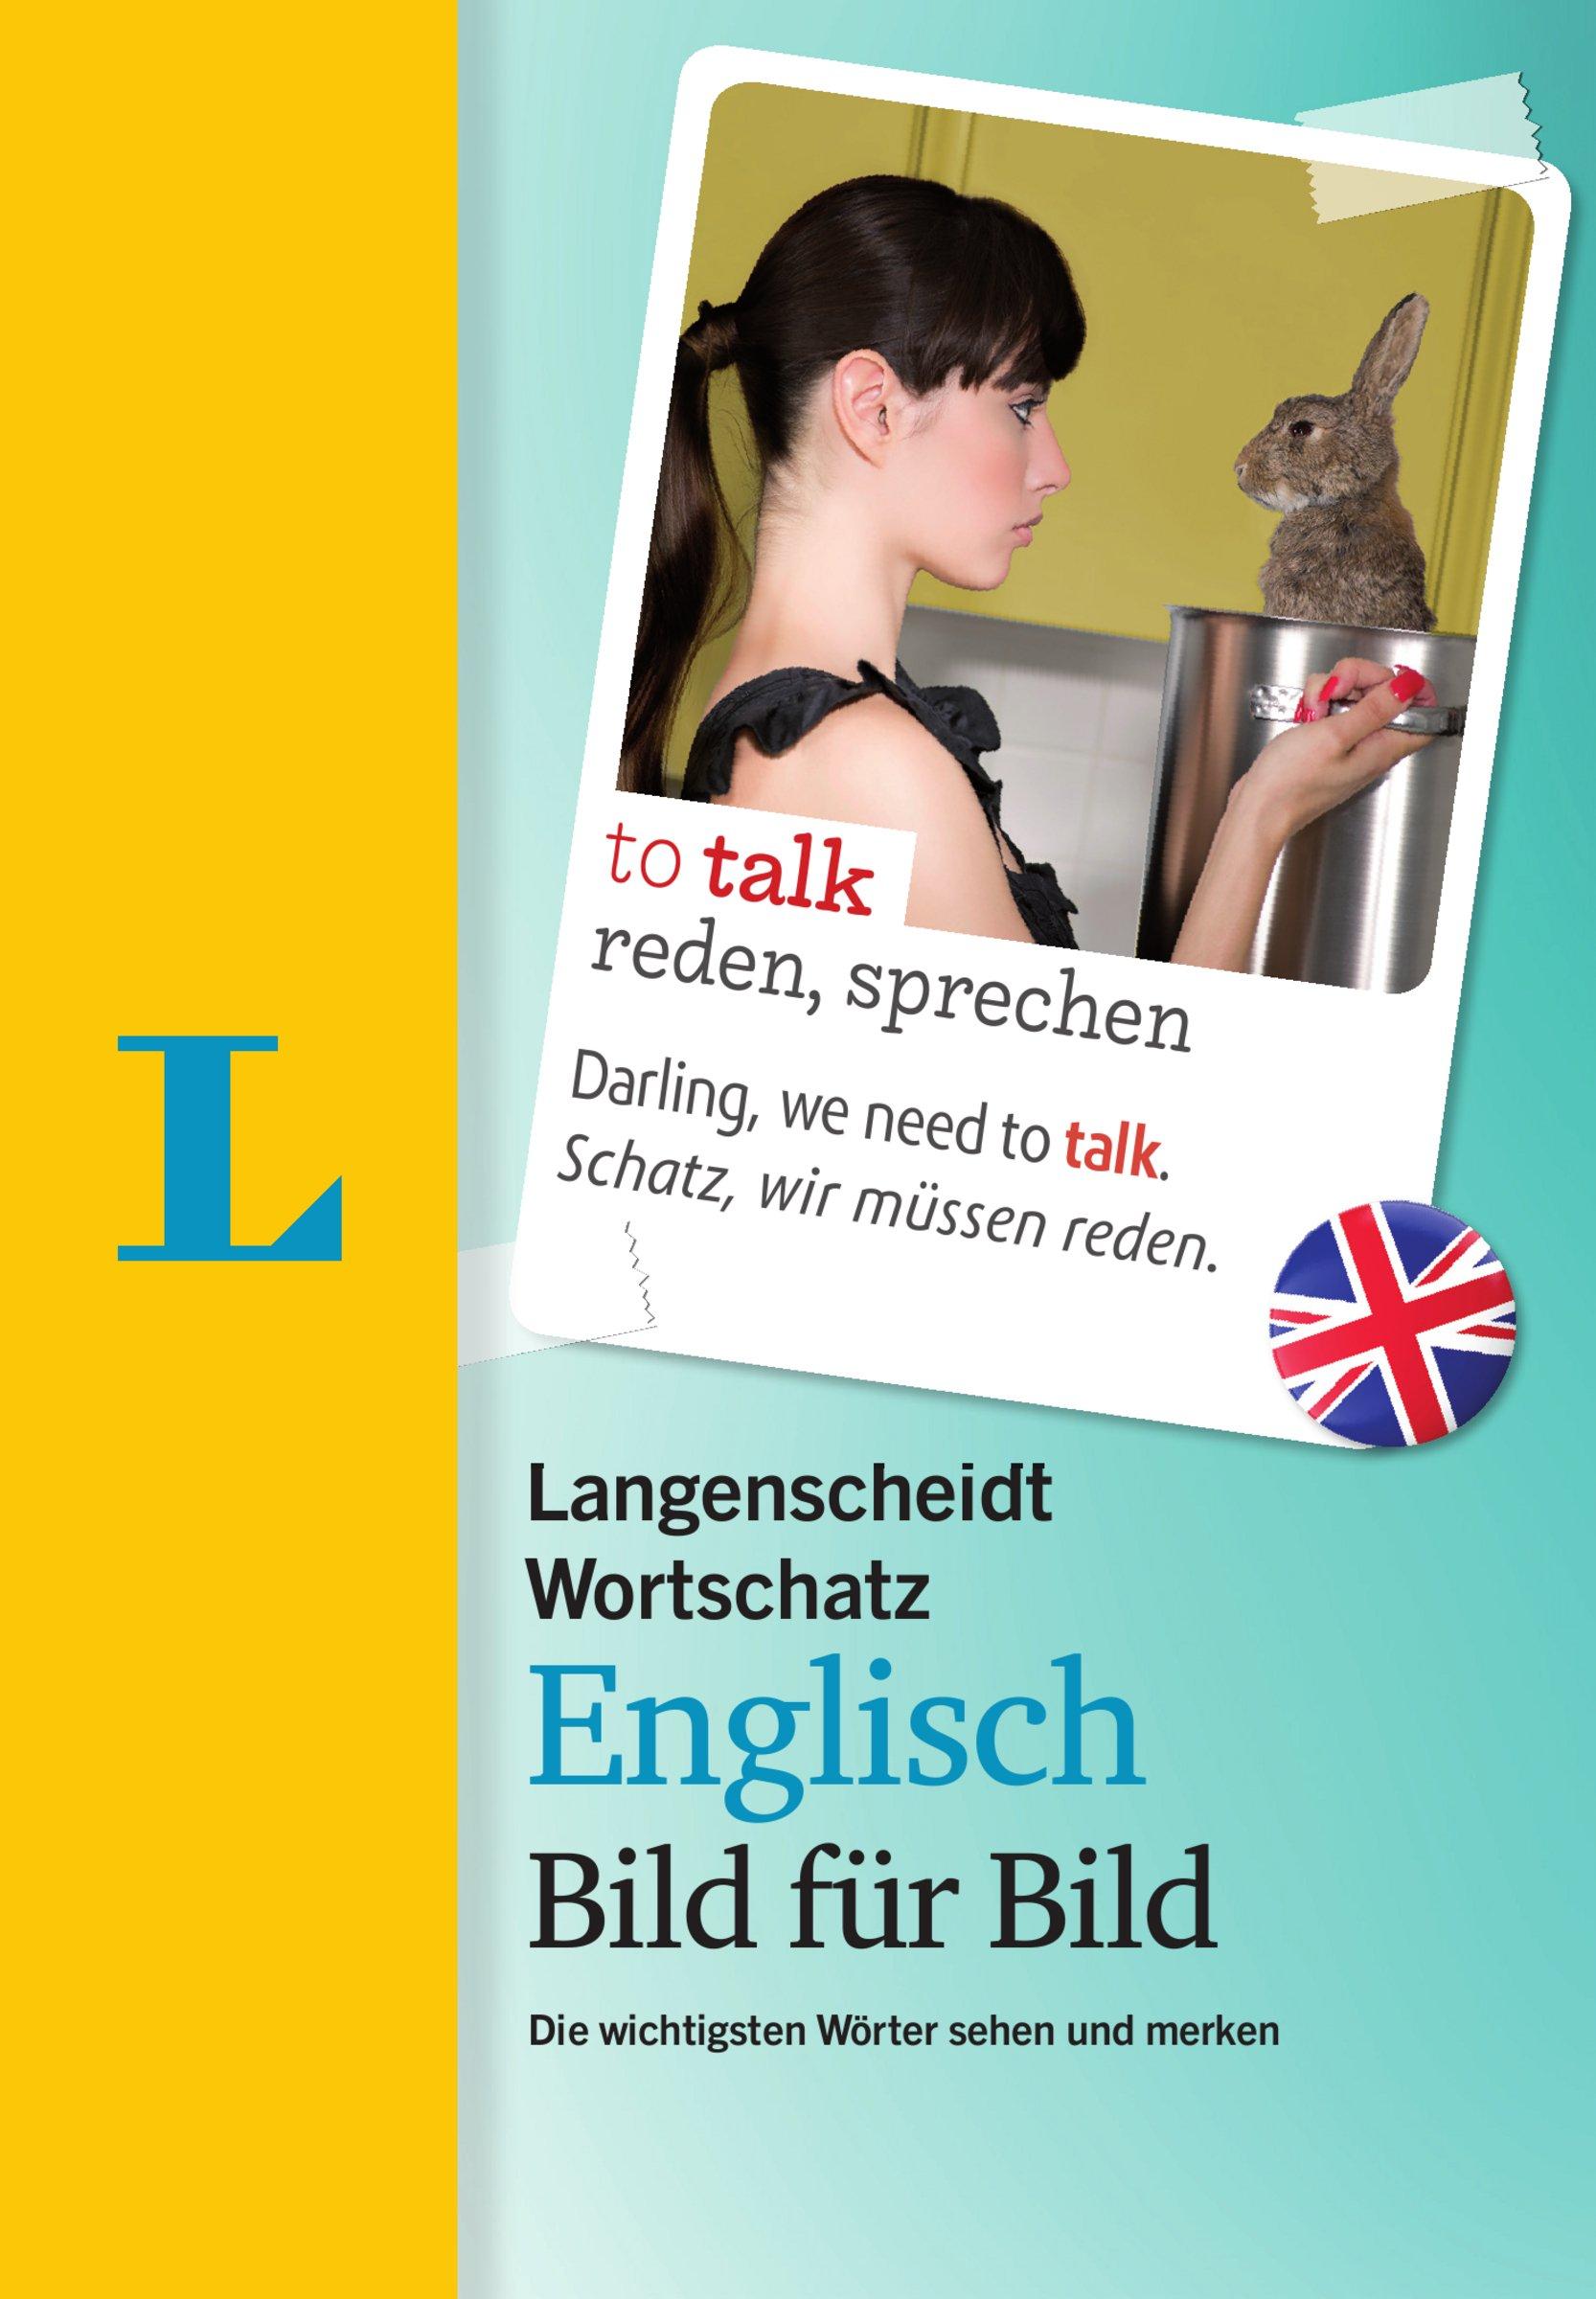 Langenscheidt Wortschatz Englisch Bild für Bild  - Visueller Wortschatz: Die wichtigsten Wörter sehen und merken (Langenscheidt Wortschatz Bild für Bild)